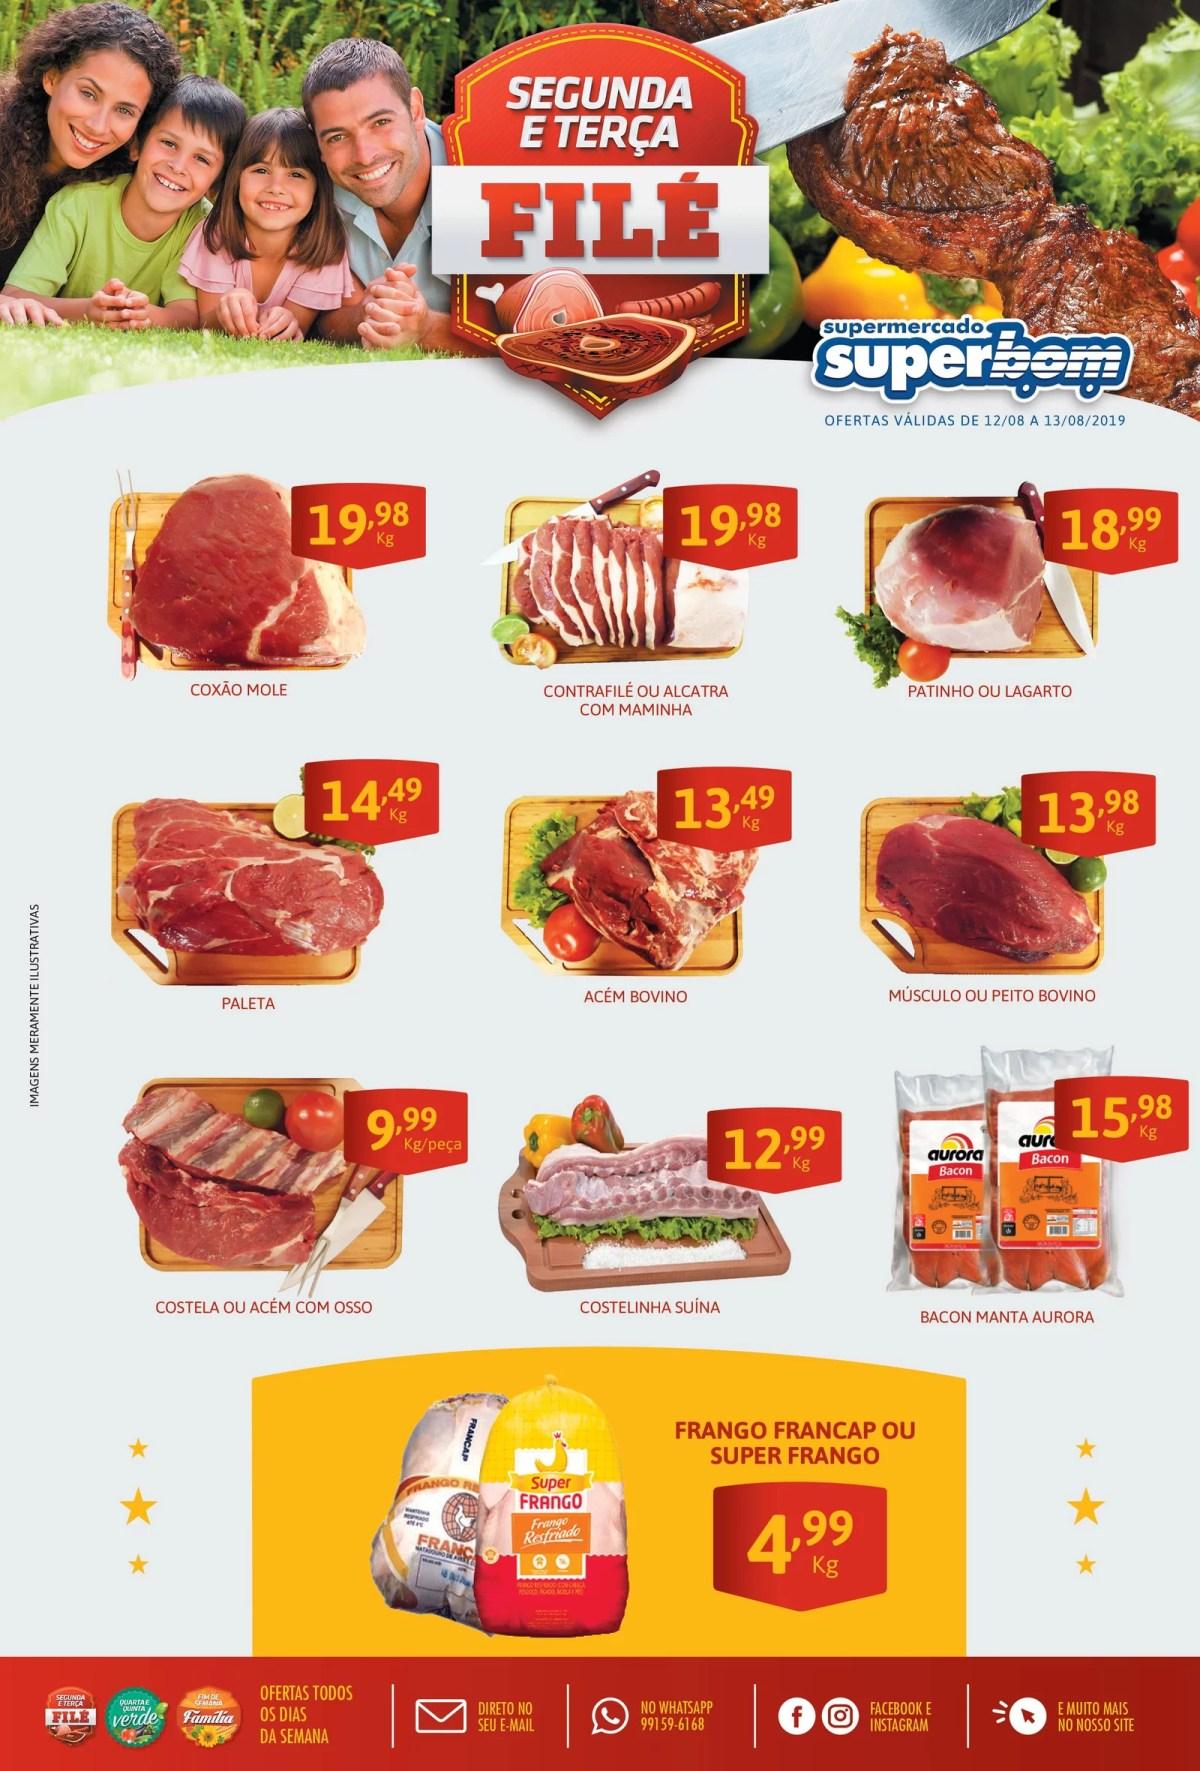 OfertasSupermercado-SuperBom74